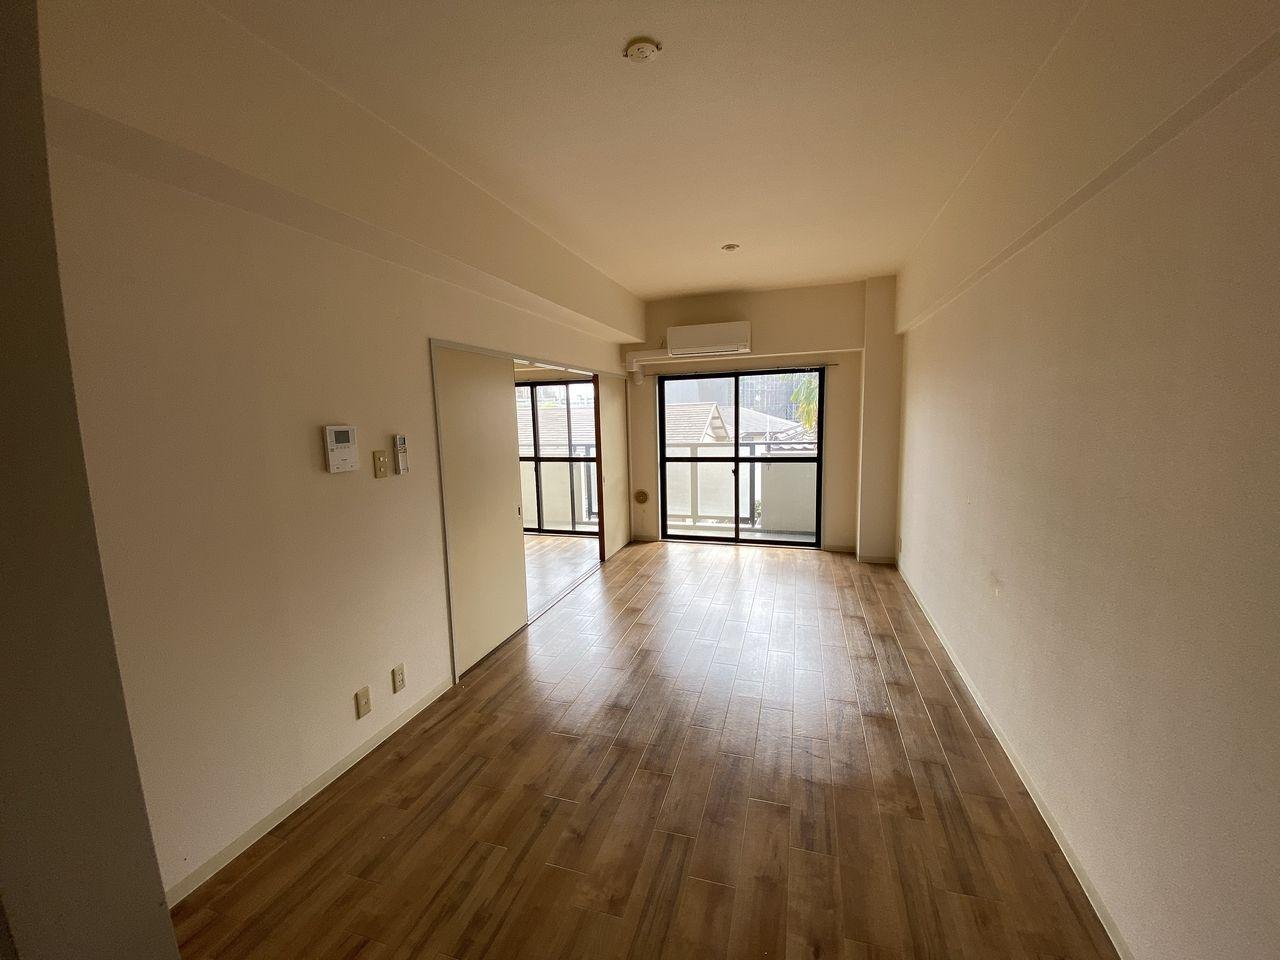 EV付たまプラーザ駅2分のマンションの第5正美ビルののバルコニー方向